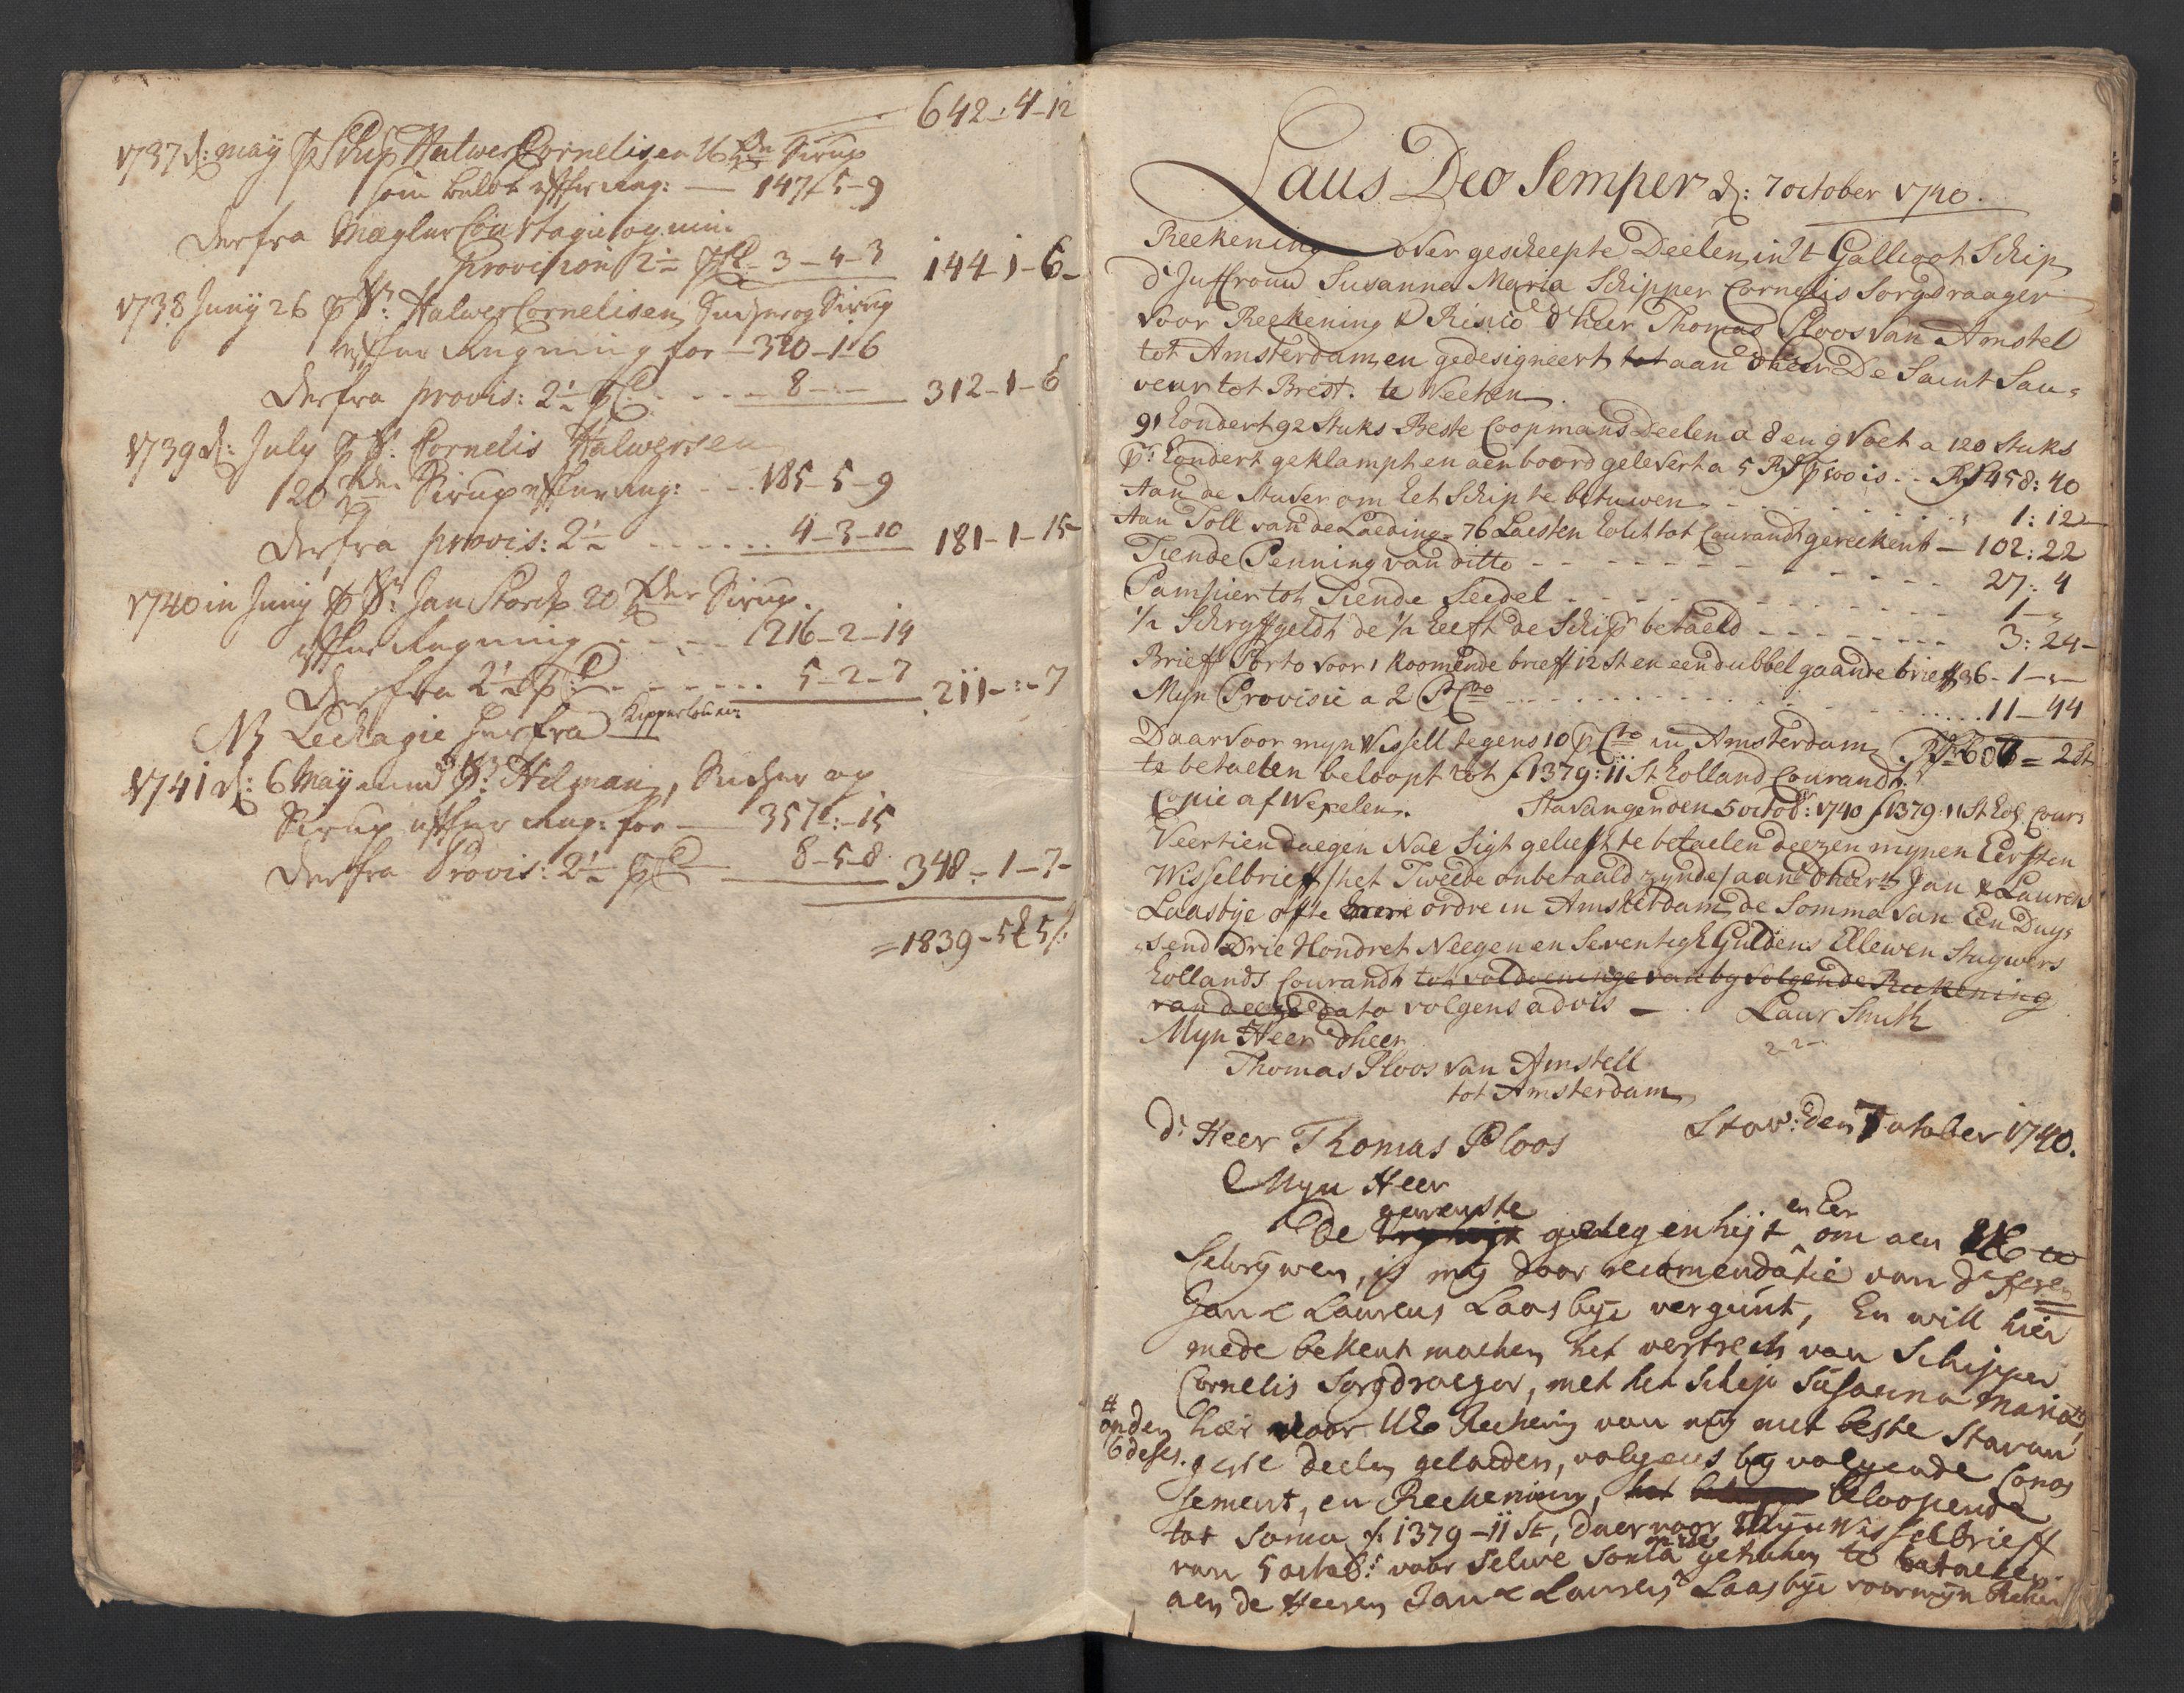 SAST, Pa 0119 - Smith, Lauritz Andersen og Lauritz Lauritzen, O/L0001: Kopibøker m.m., 1740-1745, s. 9